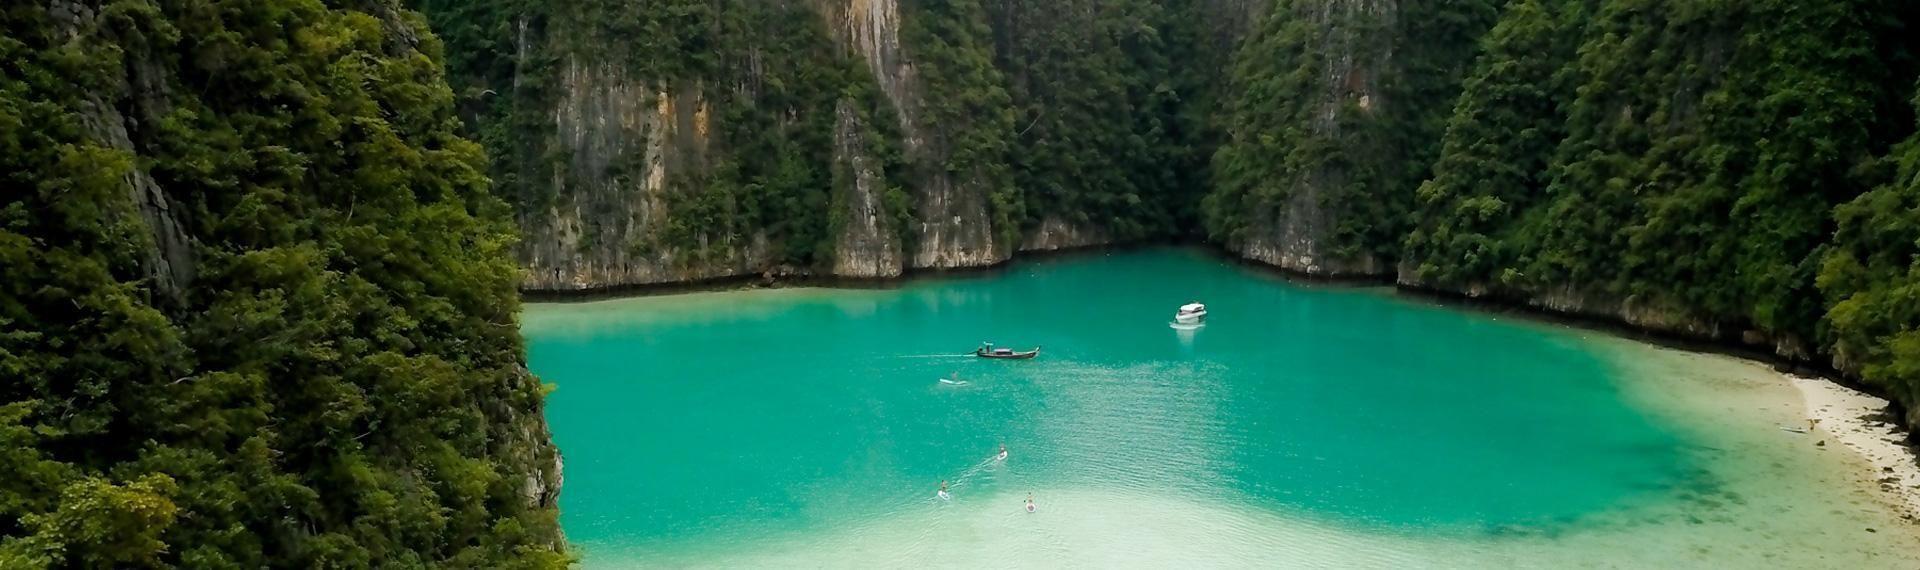 Potovanje na Tajsko s supi